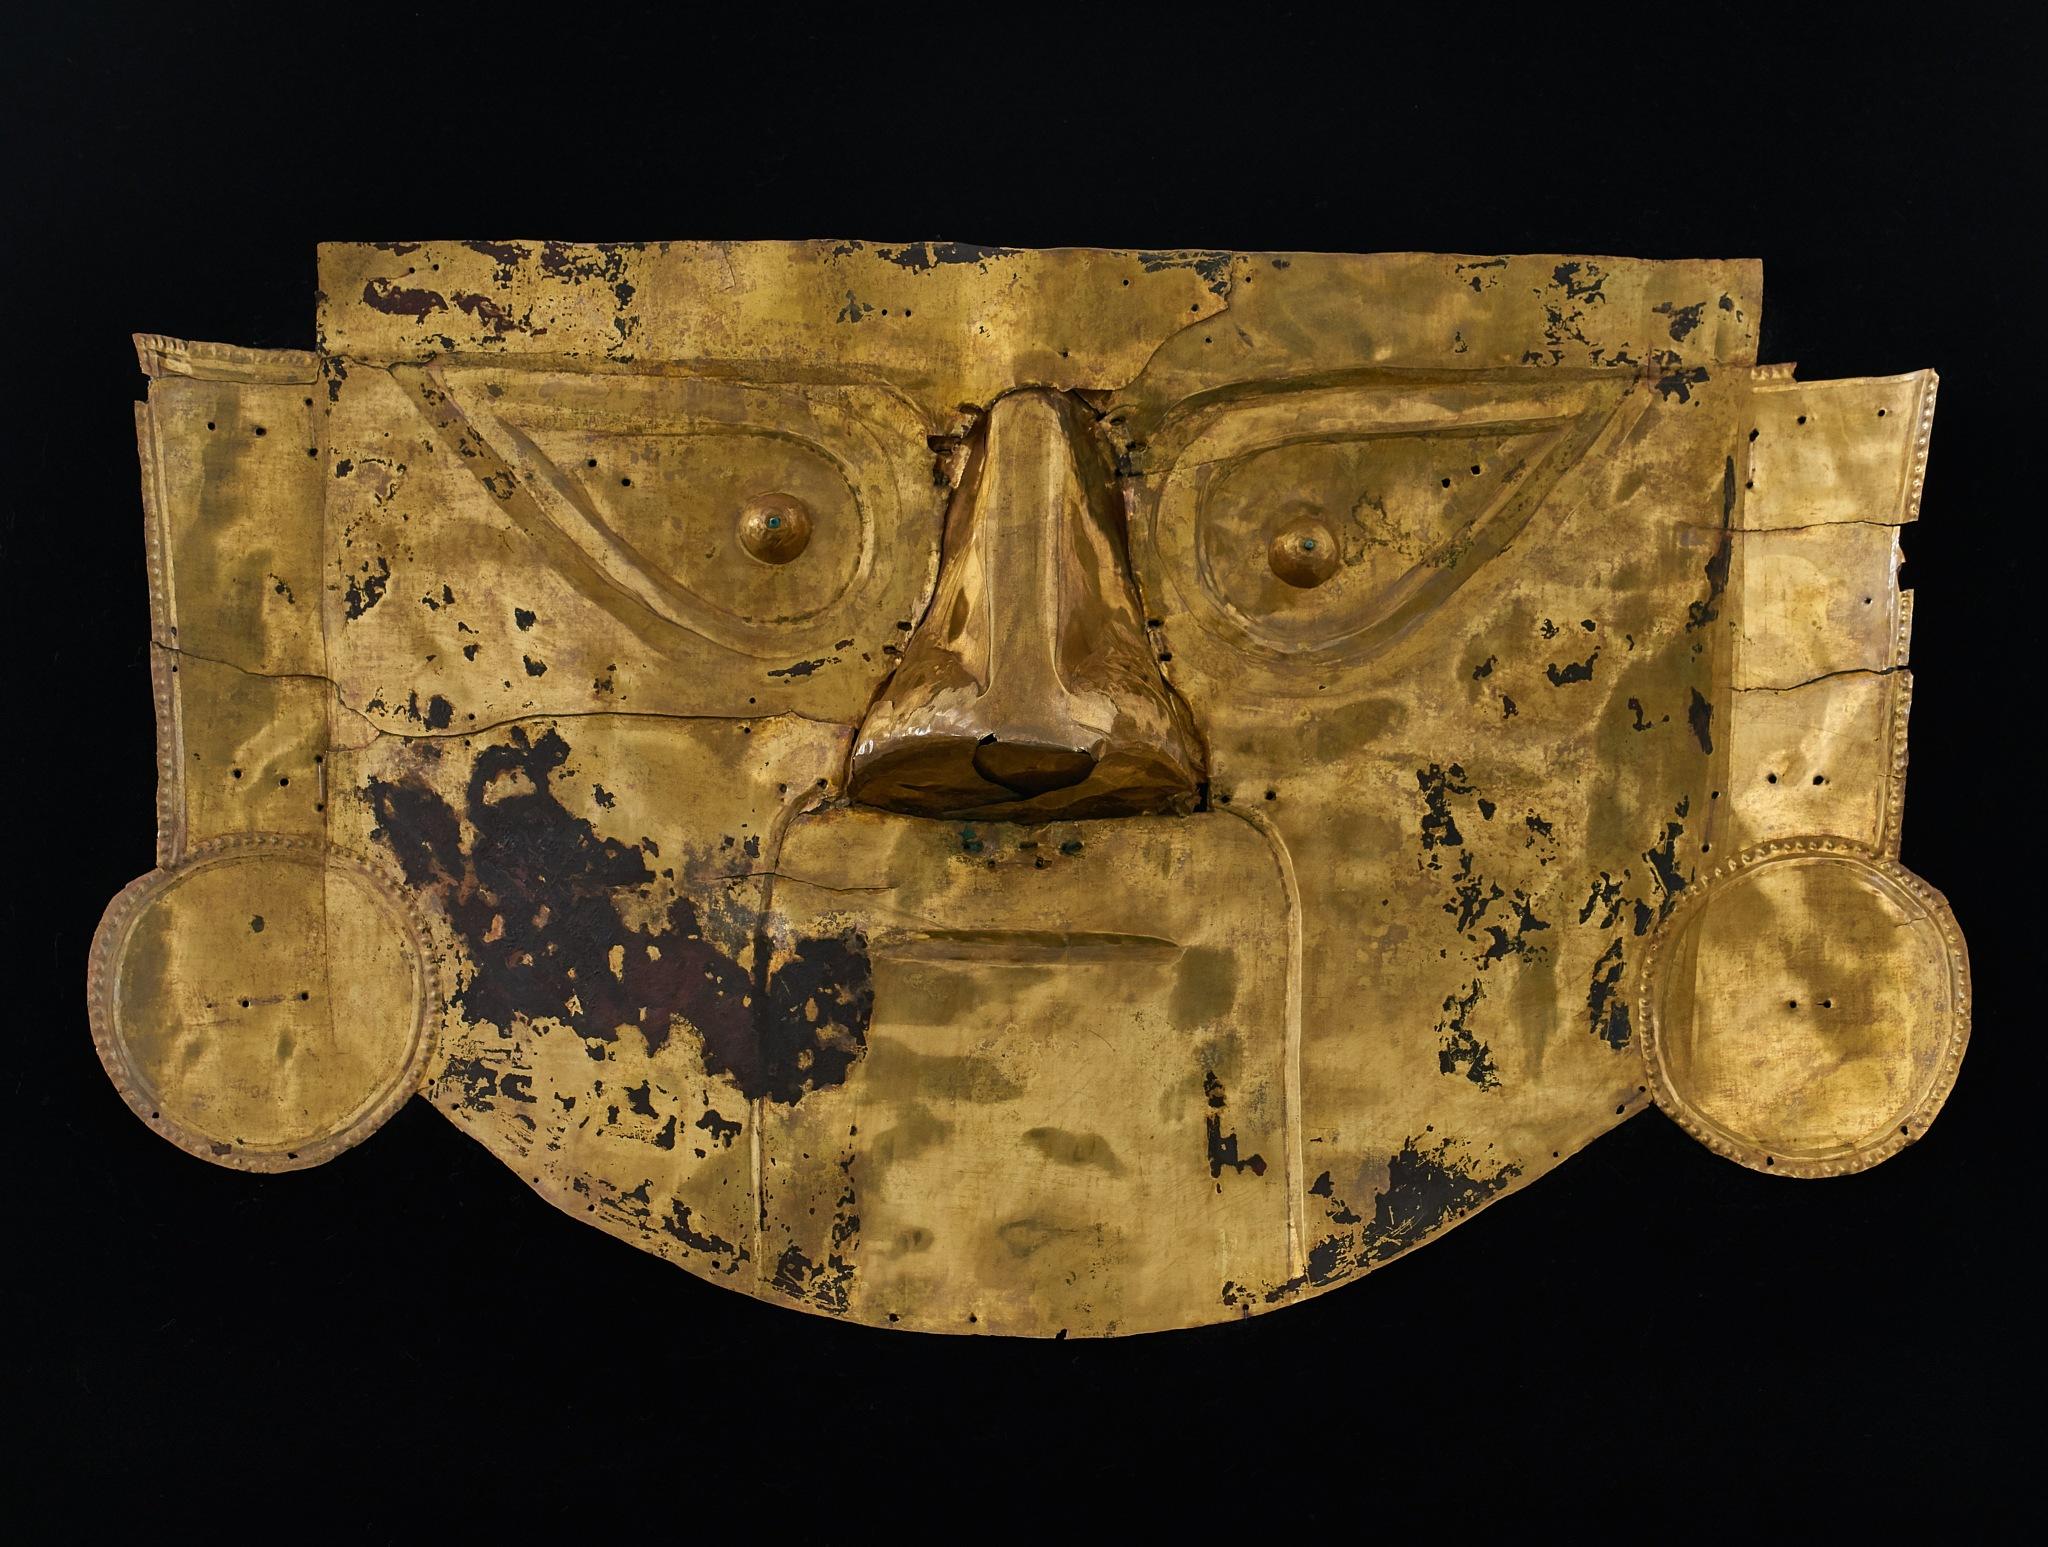 Máscara Funeraria Cultura Lambayeque by Joseluis Franco